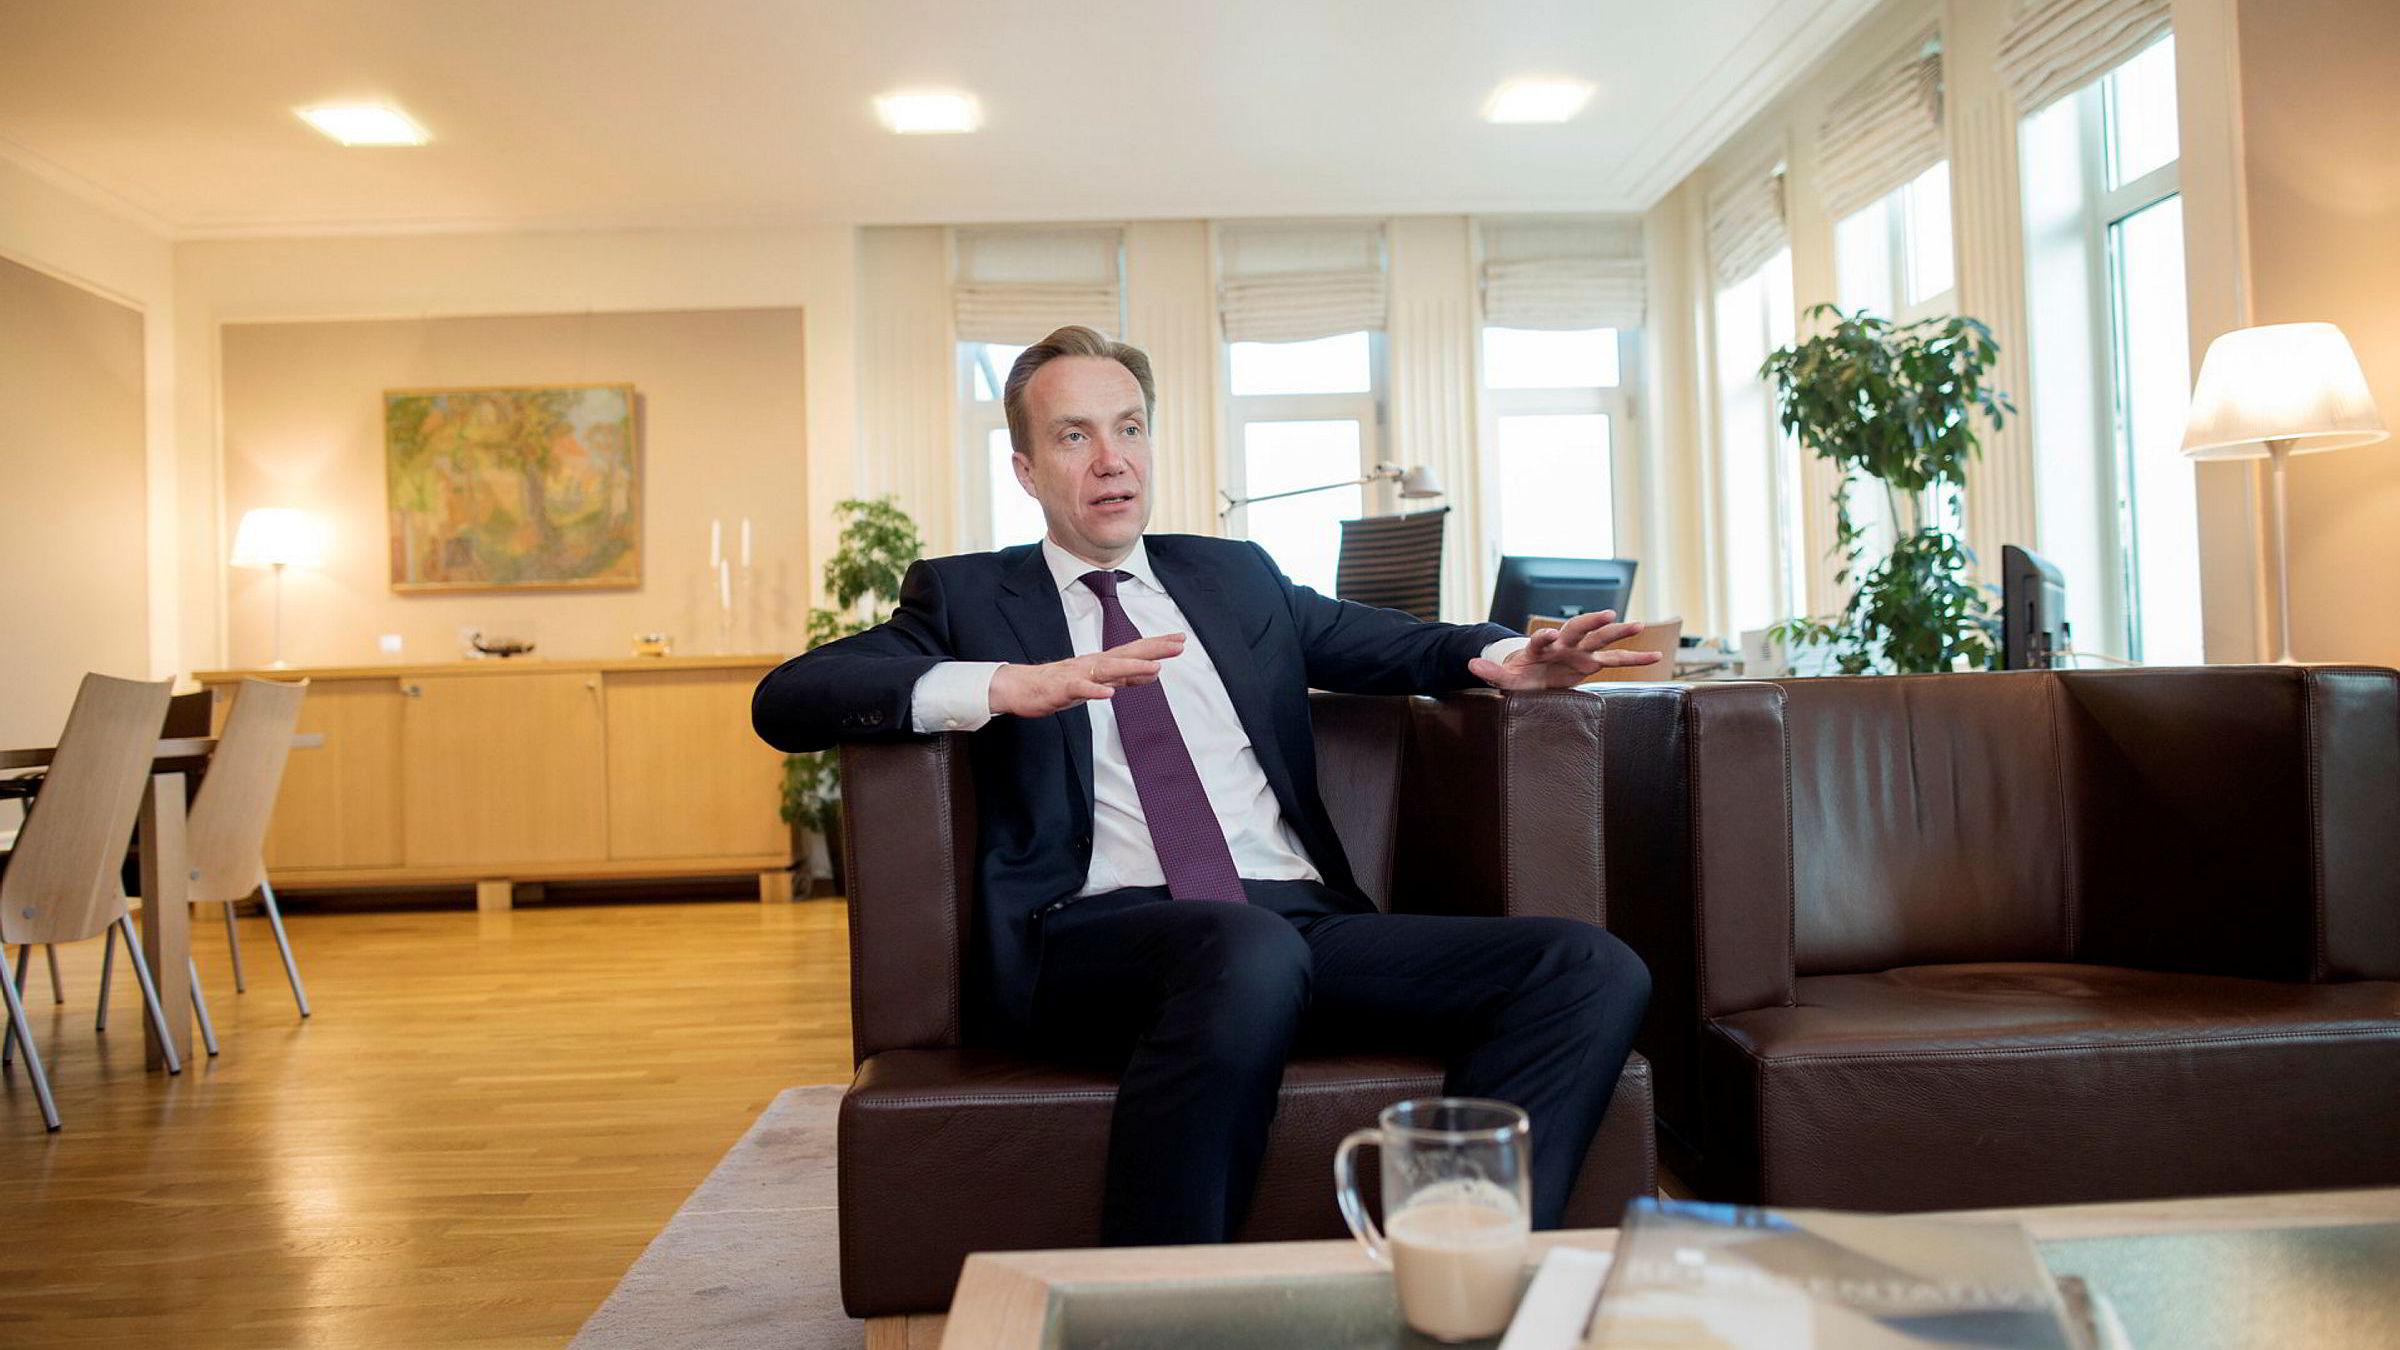 Utenriksminister Børge Brende, her på sitt kontor.